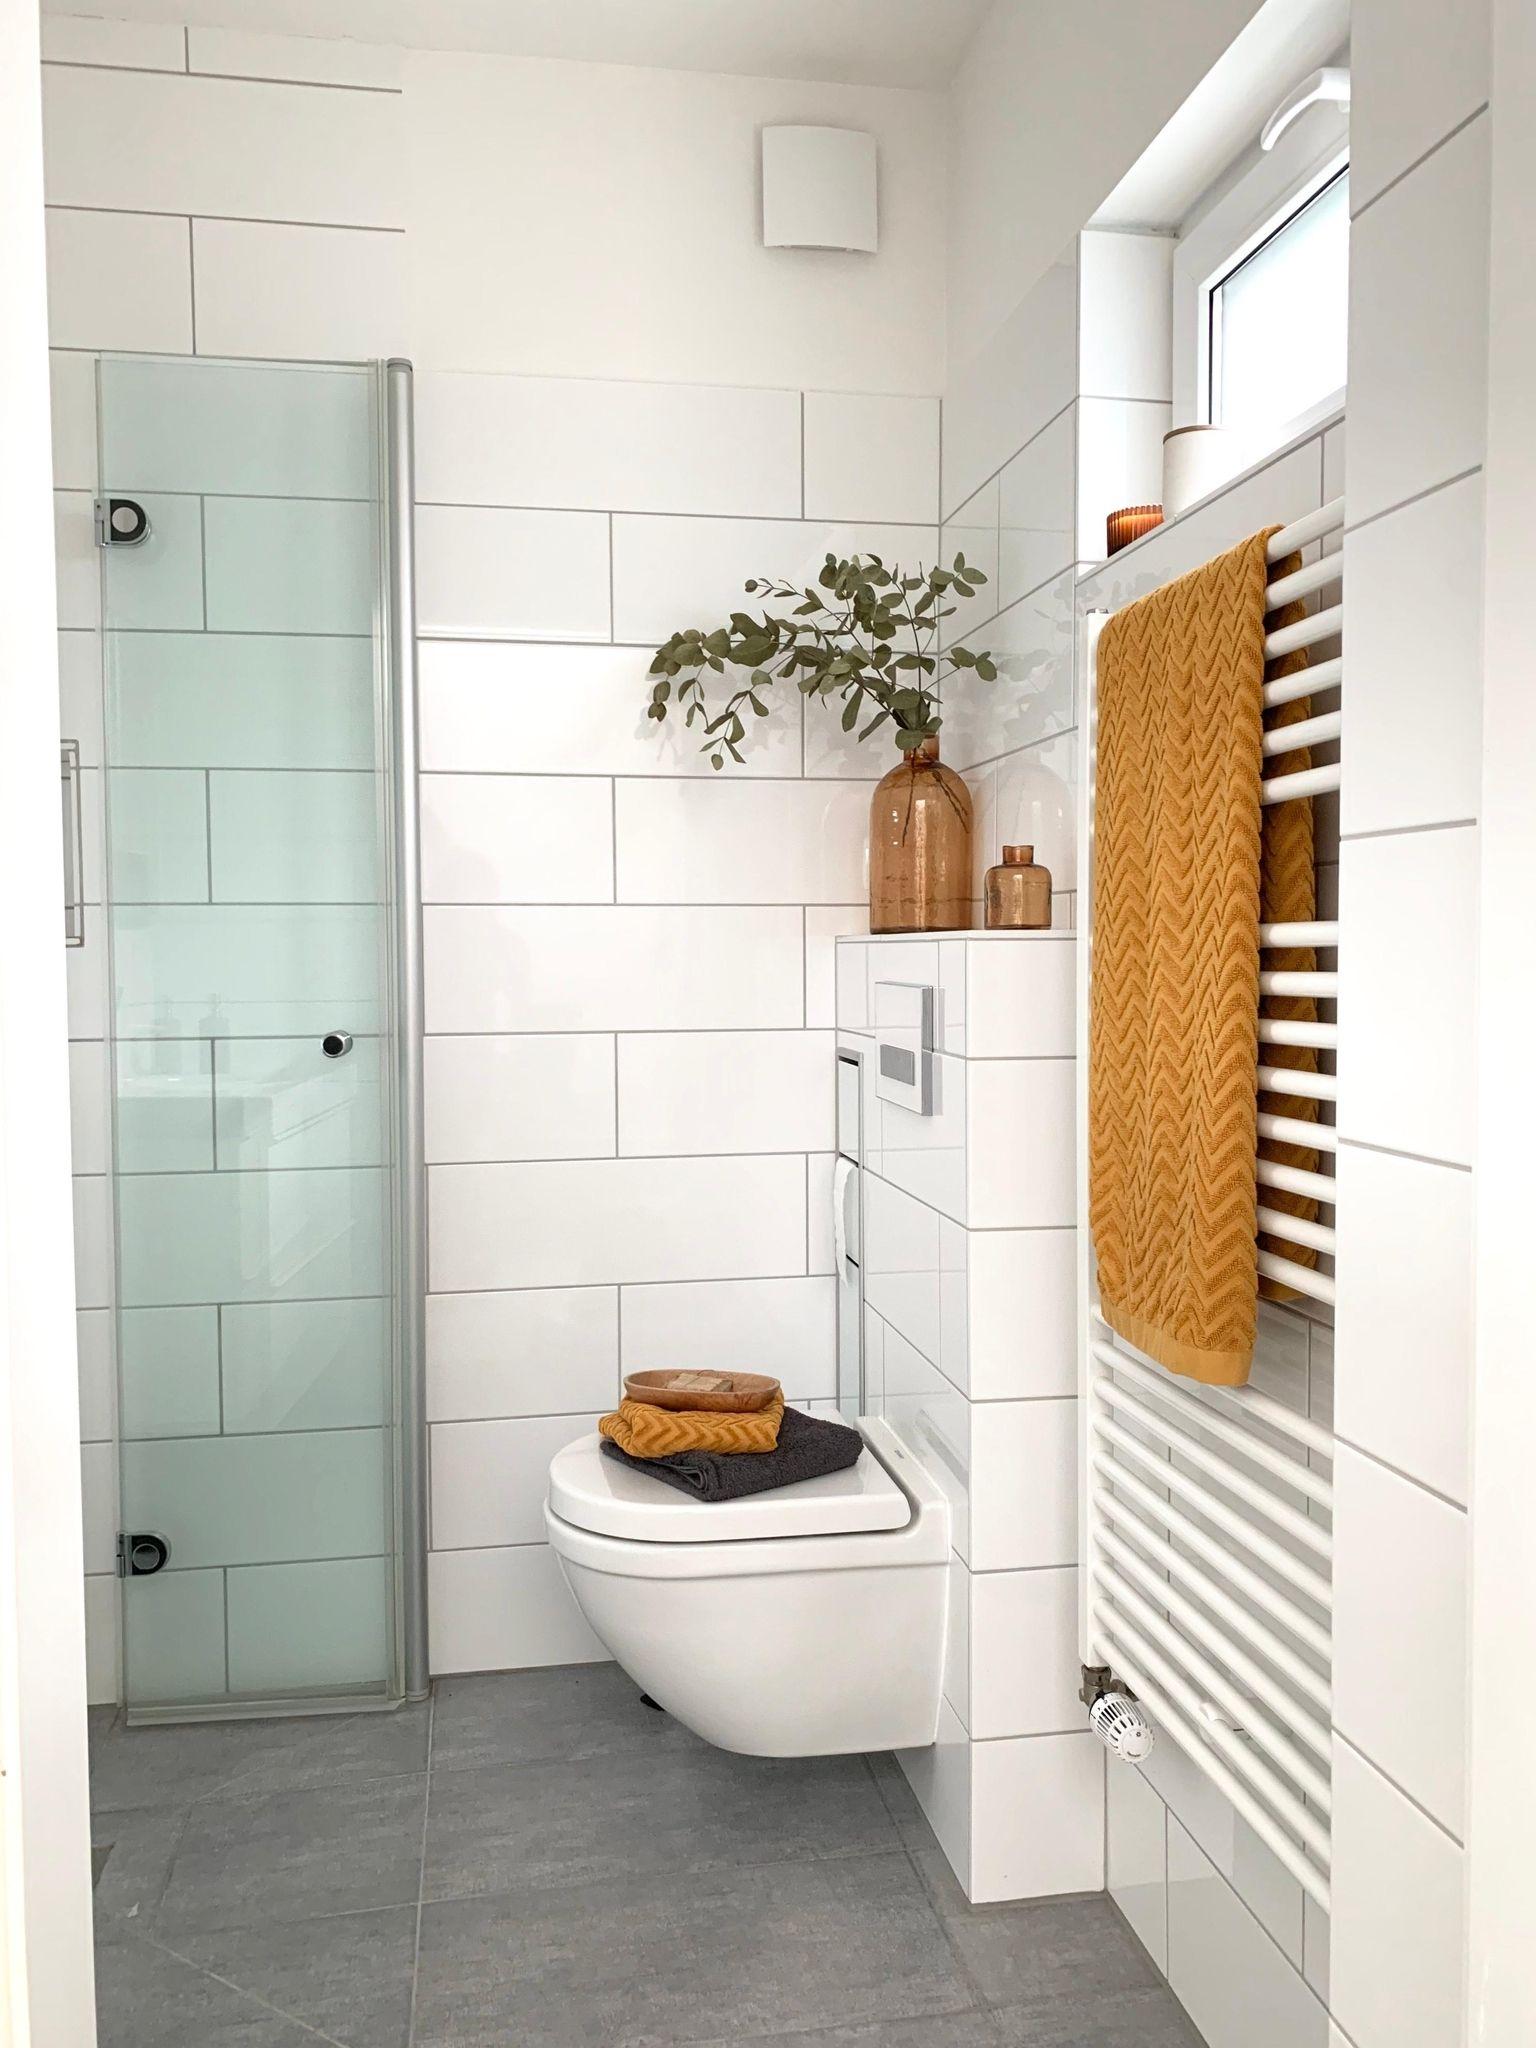 Dieser Account Von Designliebe By Anna Ist Auf Jeden Fall Einen Blick Wert Entdecke Noch Mehr Wohni With Images Bathroom Interior Design Bathroom Interior House Bathroom